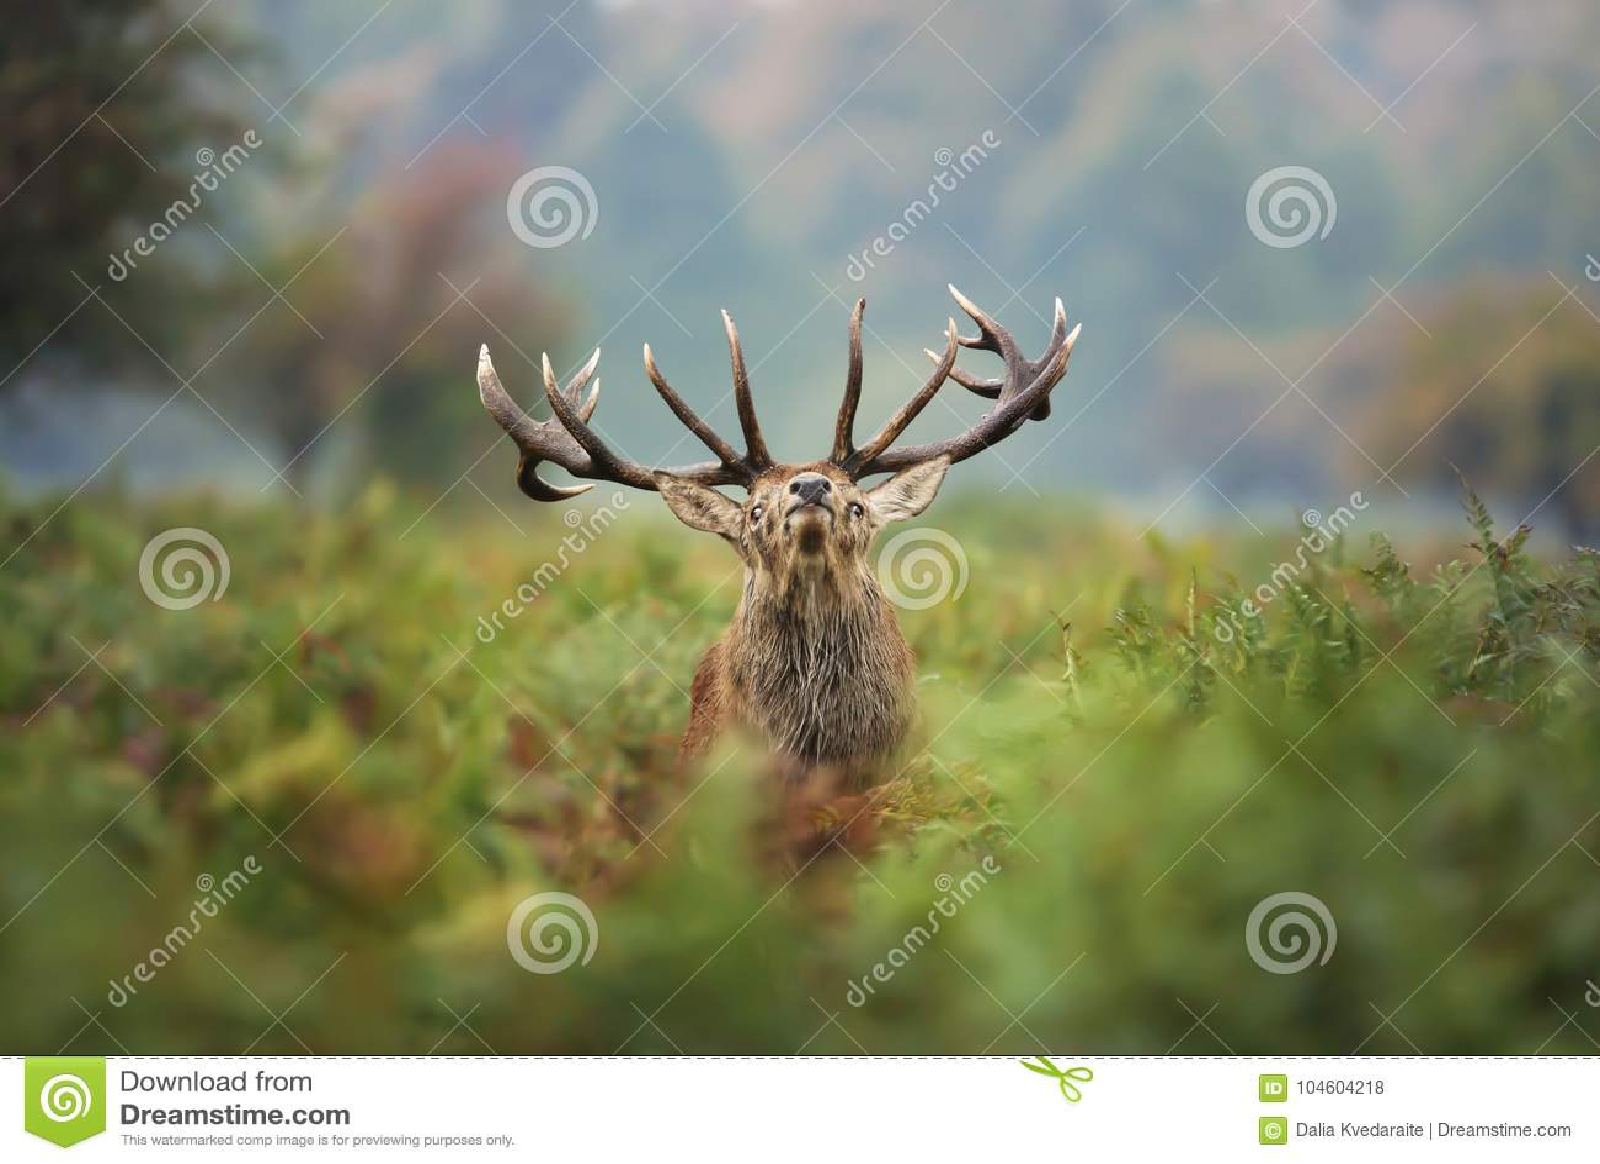 Maschio dei cervi nobili durante la carreggiata